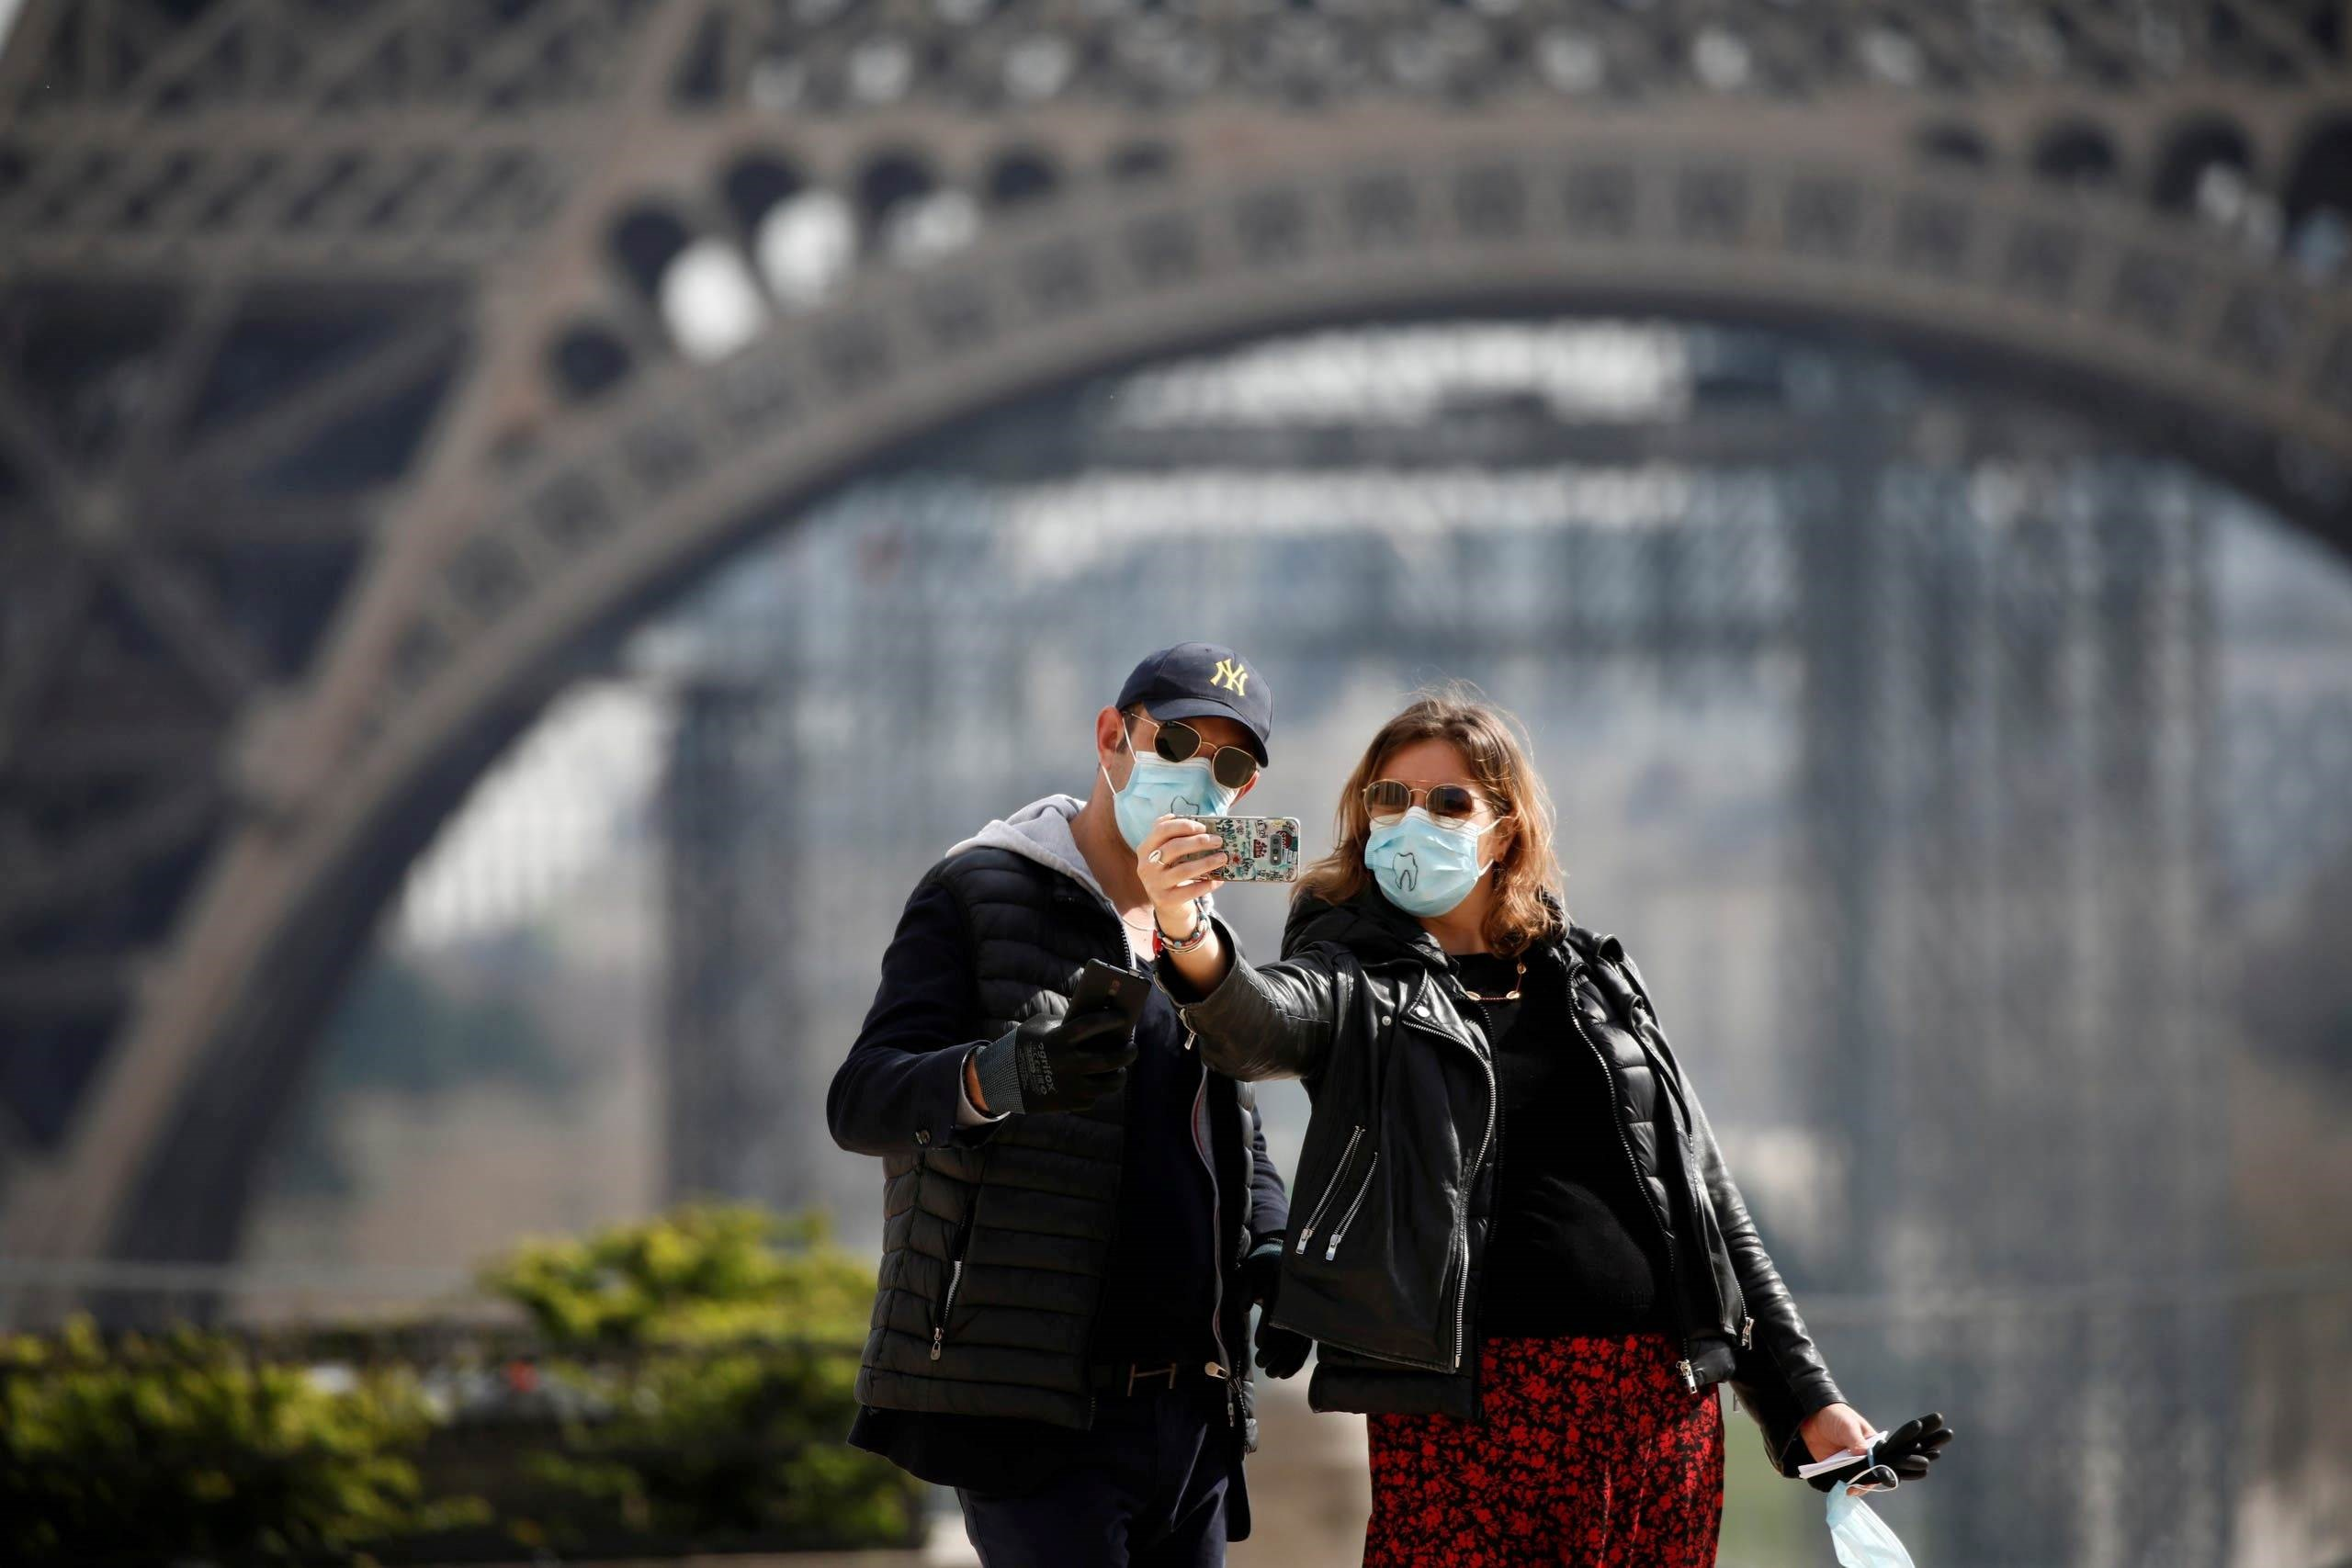 الصحة الفرنسية: الوضع الصحي في فرنسا إلى مزيد من التأزم بسبب وباء كوفيد-19